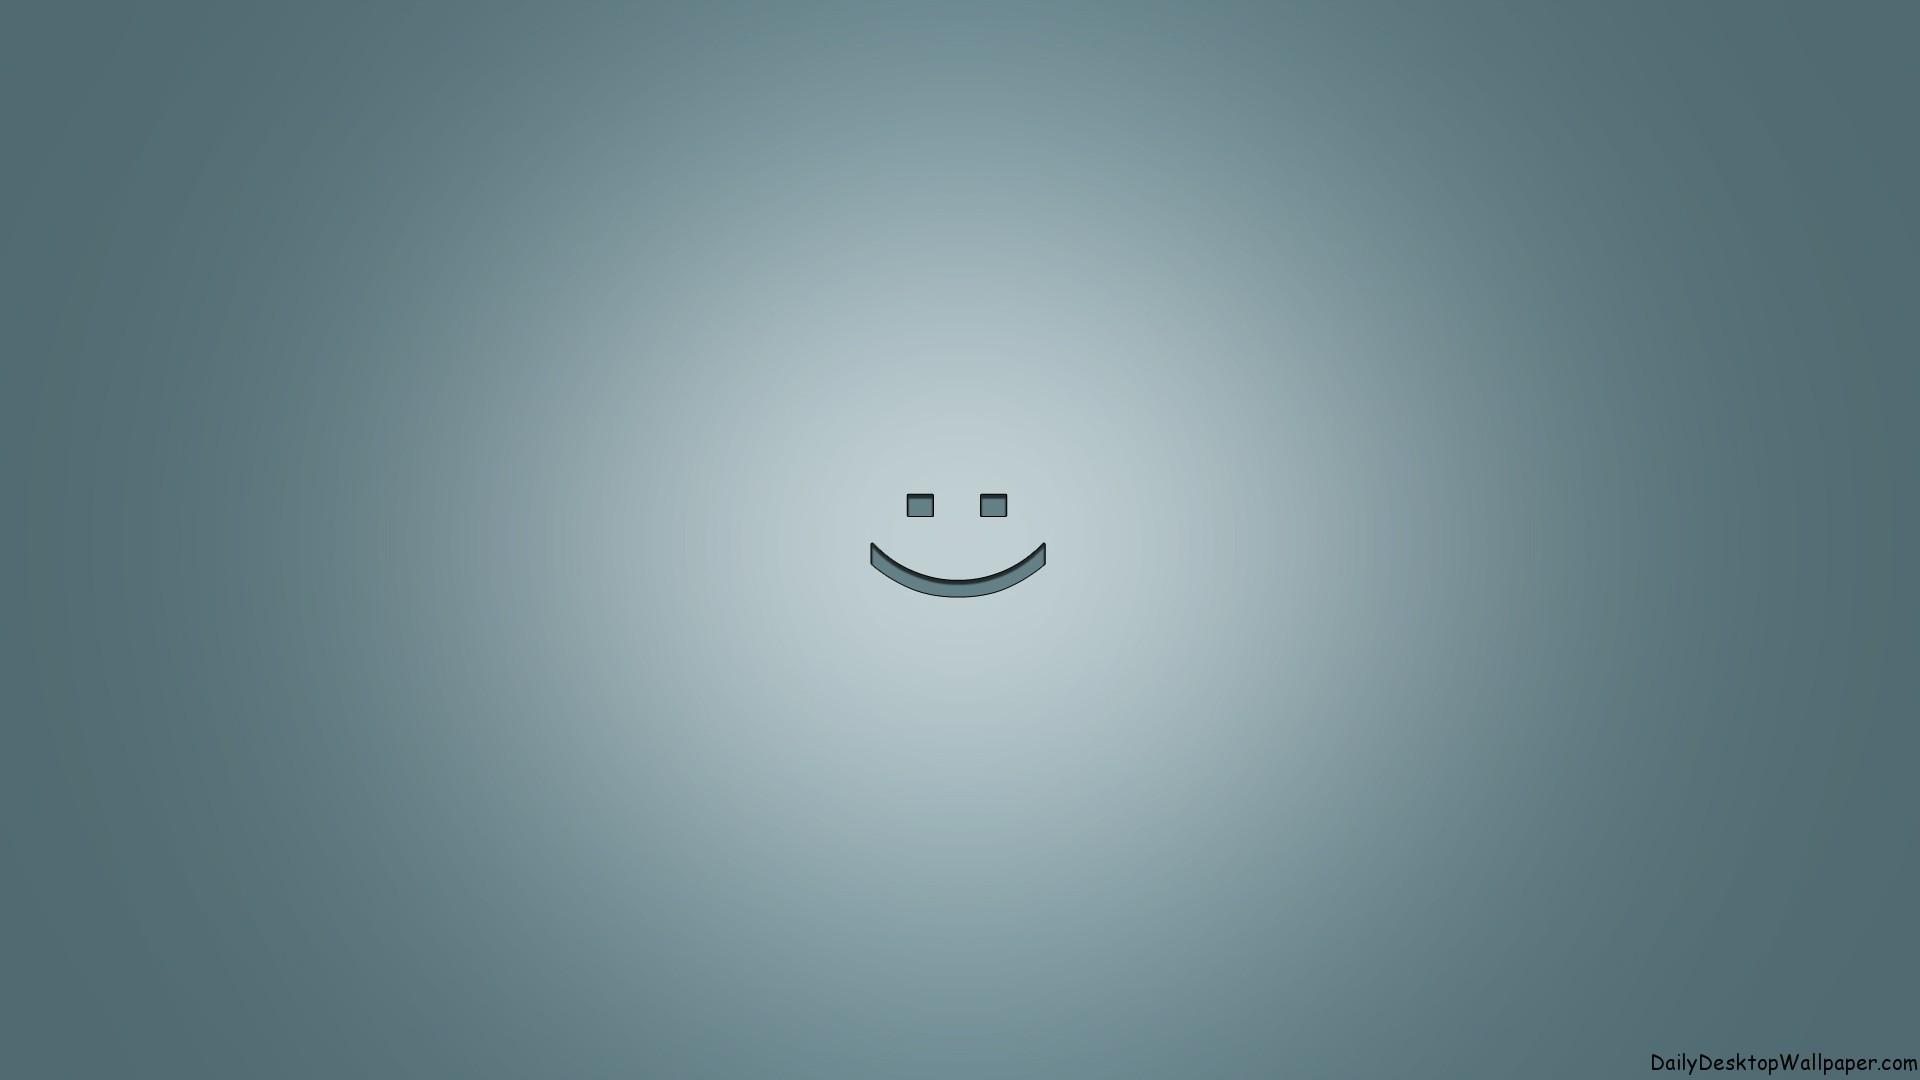 Cute Emoji Iphone Wallpapers Smile In Grey Hd Wallpapers